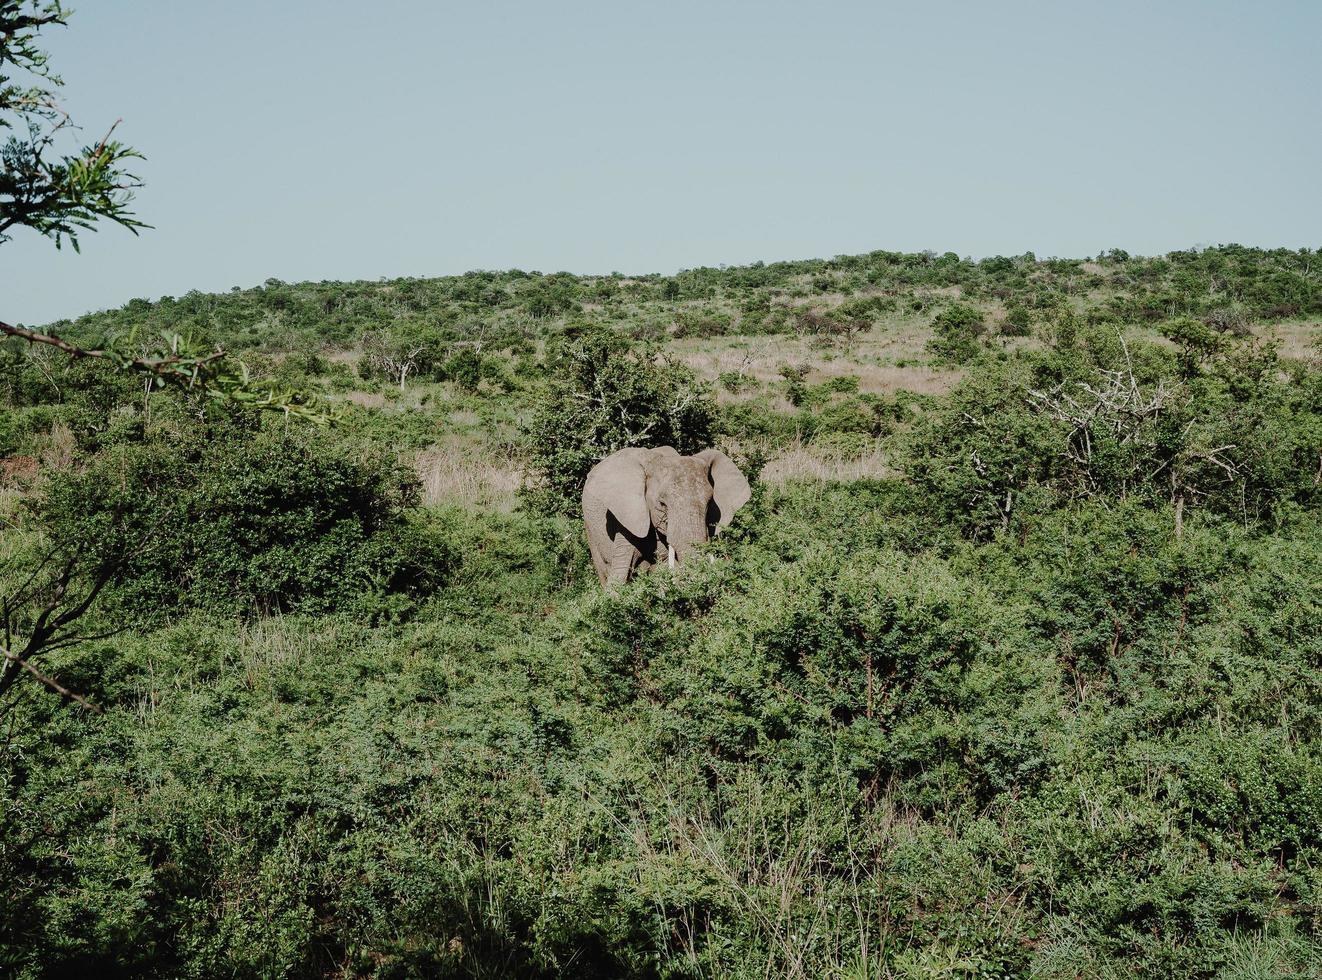 Elefant steht in der Nähe von Bäumen foto